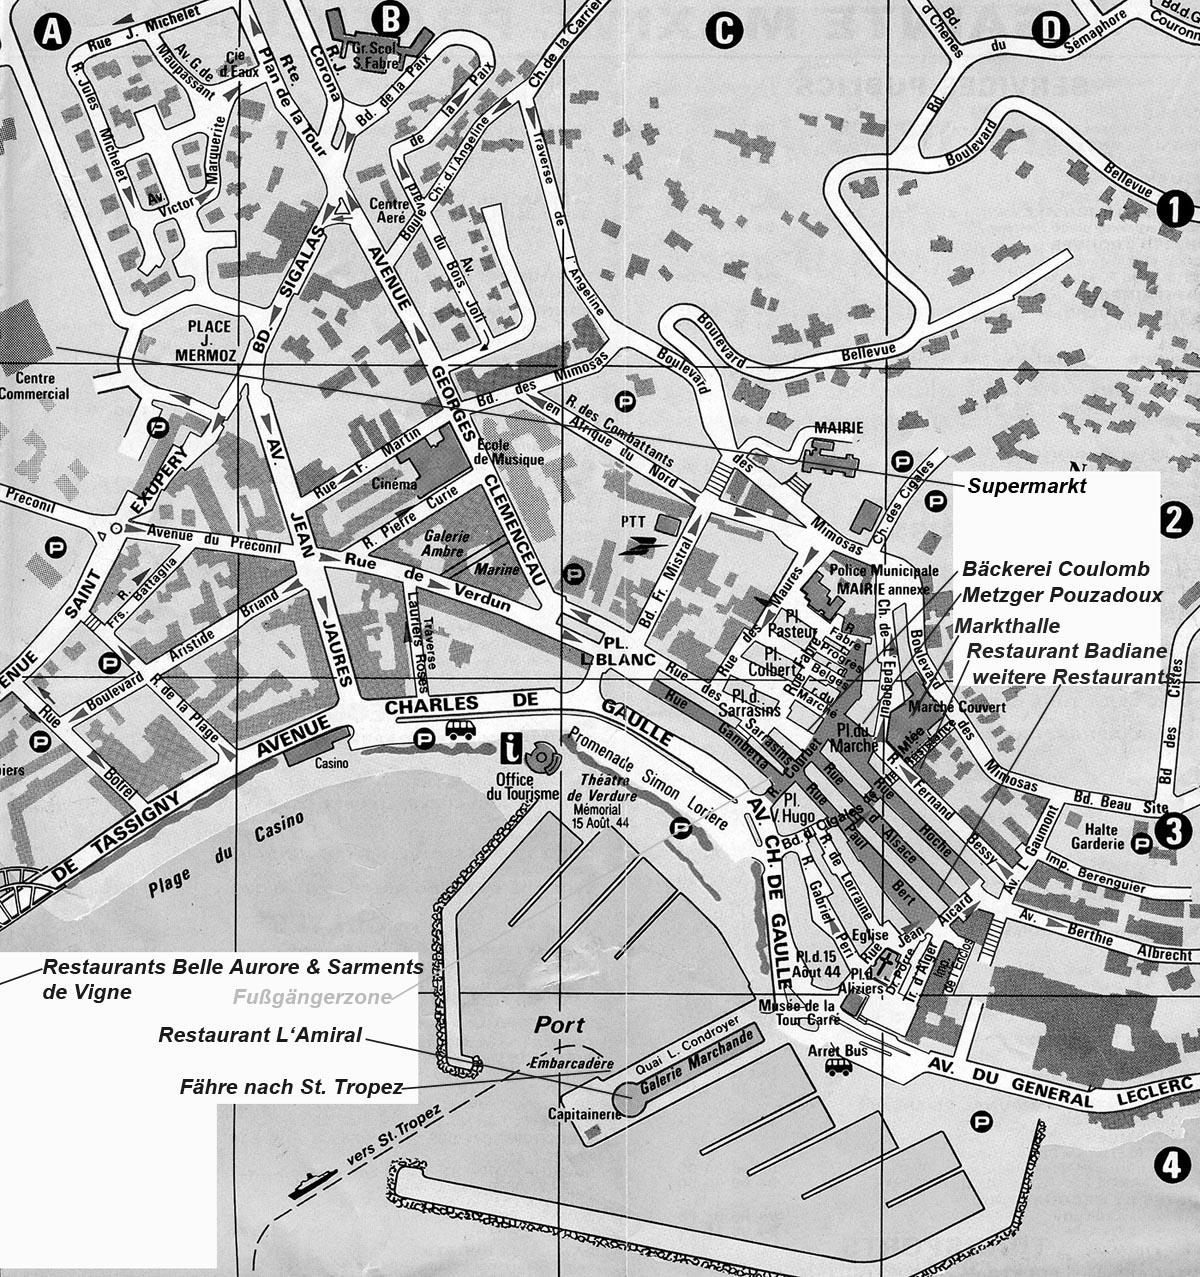 Stadtplan von Ste Maxime am Mittelmeer in Südfrankreich